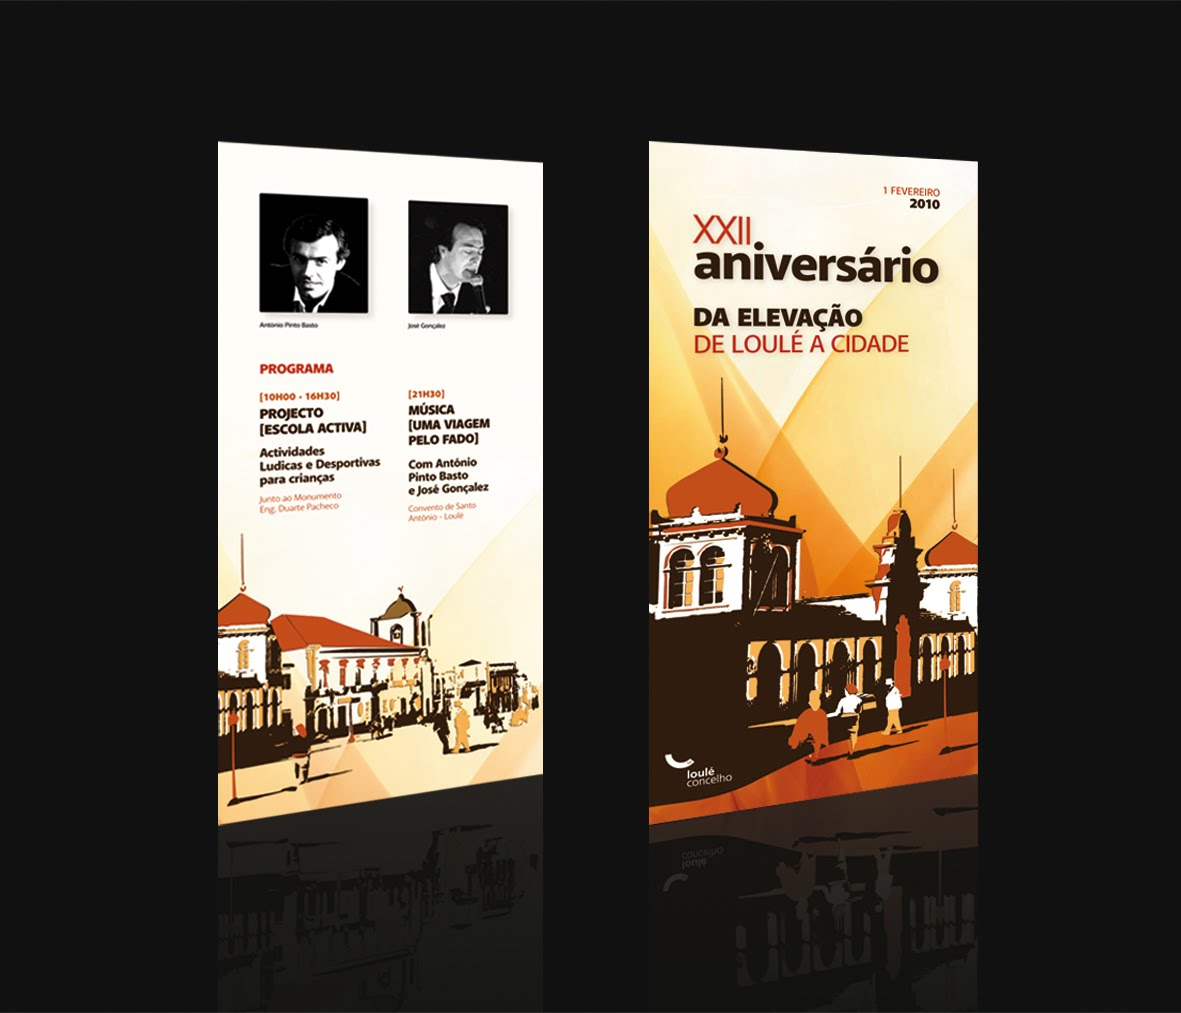 [Flyer+Elevação+de+Loulé+a+Cidade.jpg]